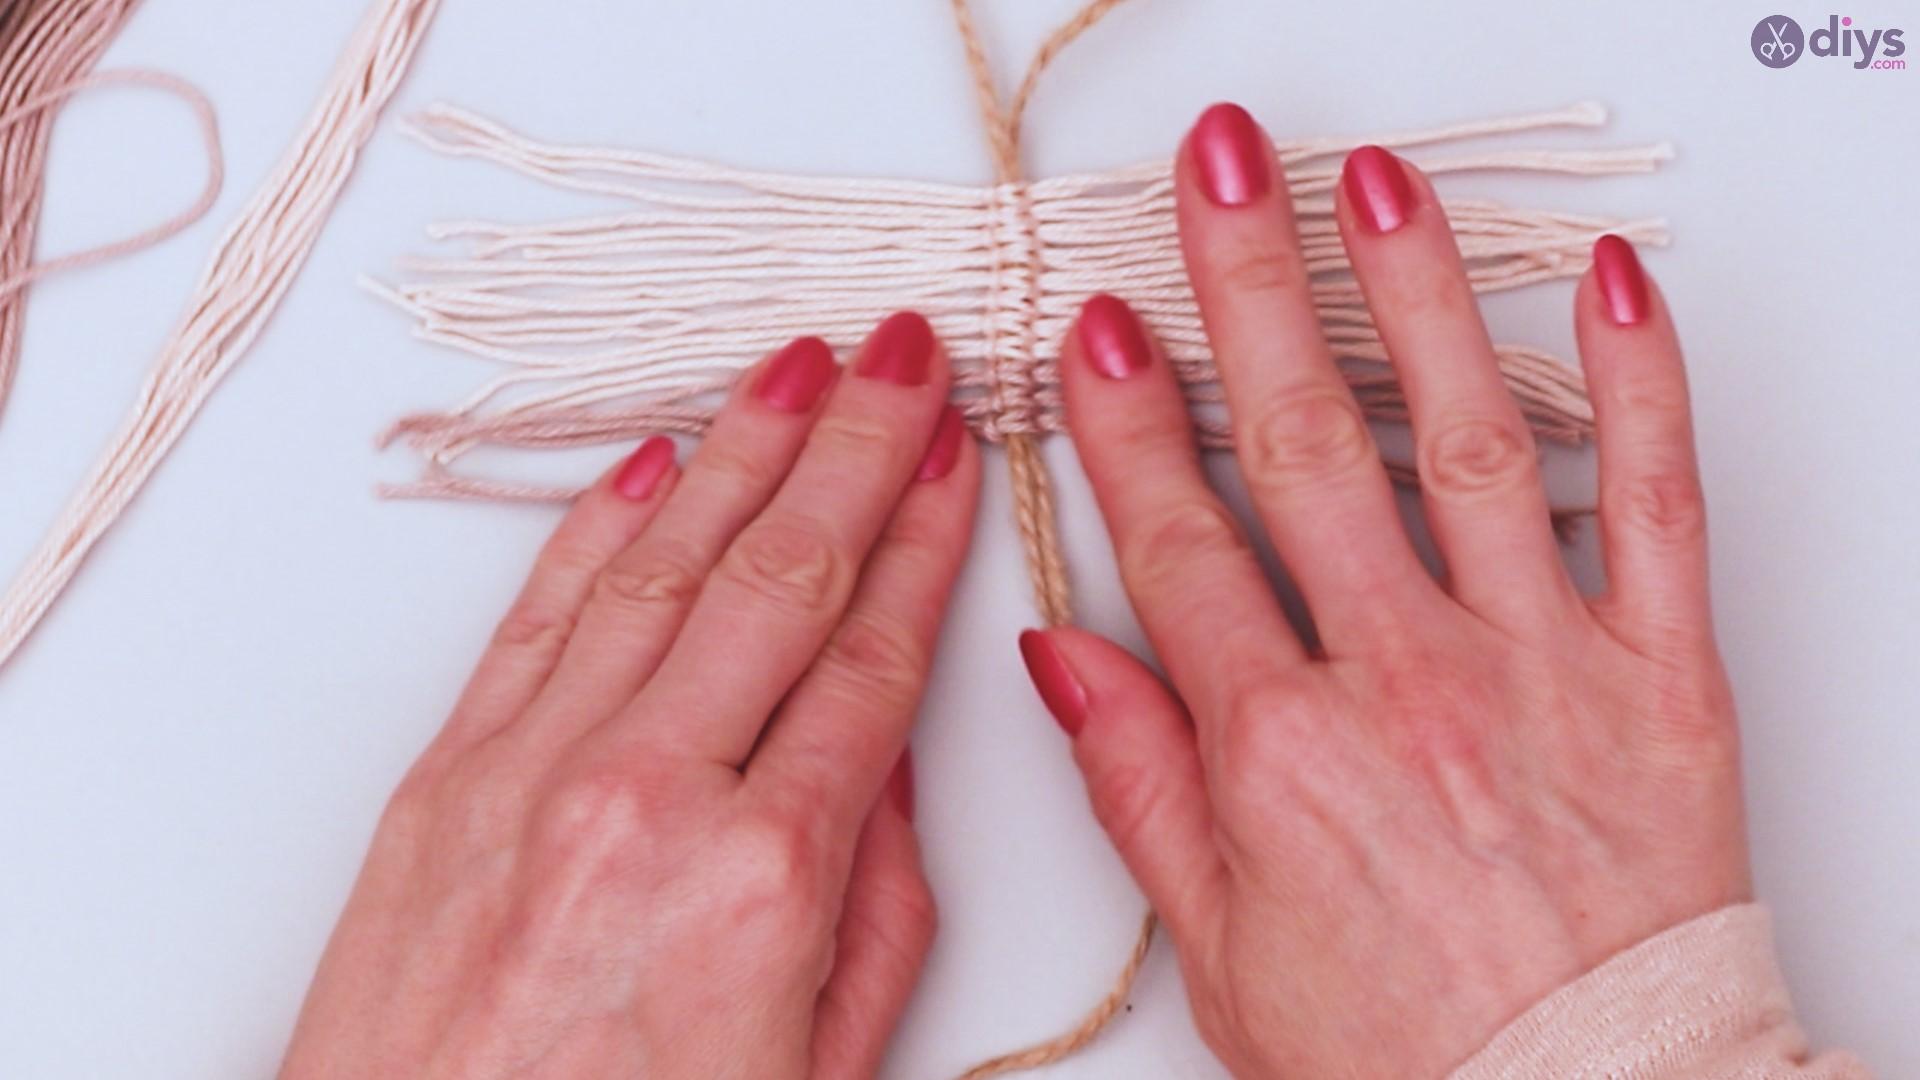 Diy yarn leaf wall decor tutorial (20)